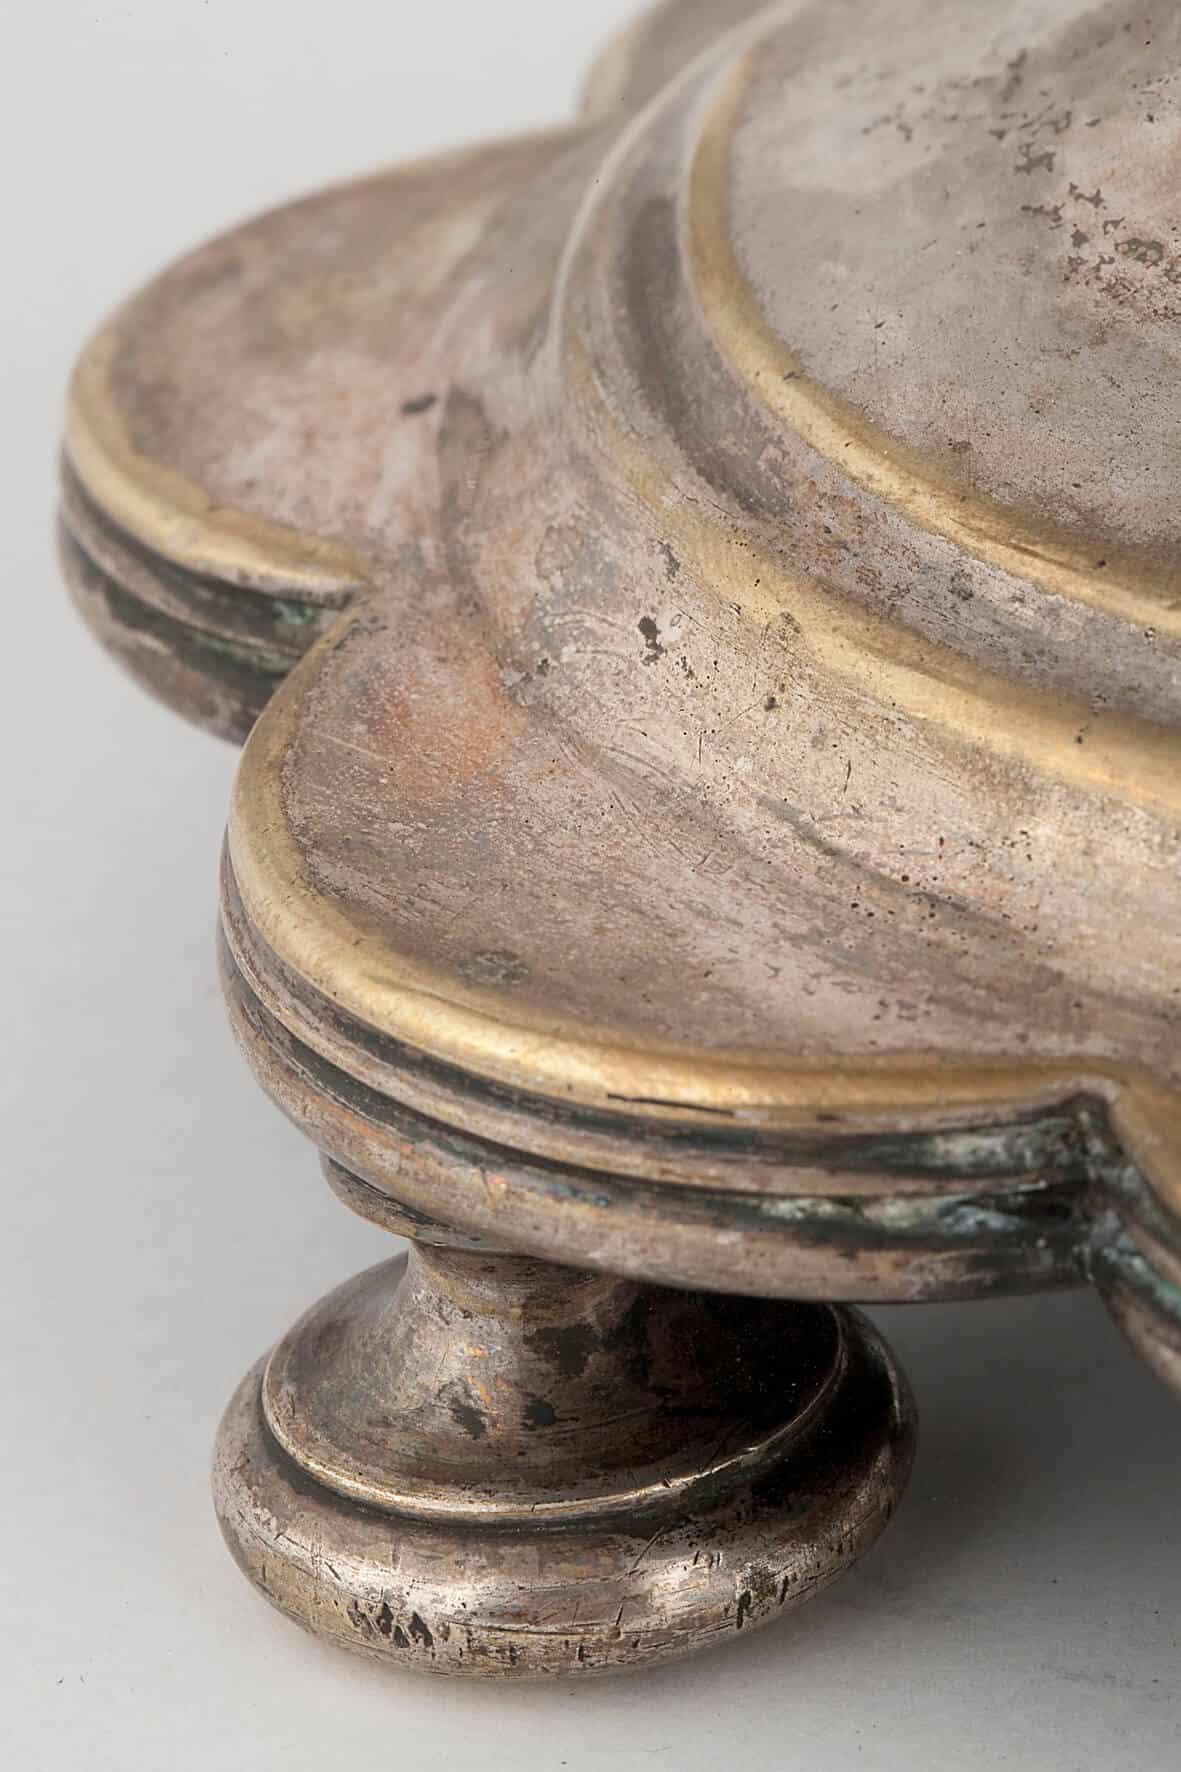 КБ 475 | Самовар-ваза «Гранная» на фигурном поддоне | Музей самоваров и бульоток